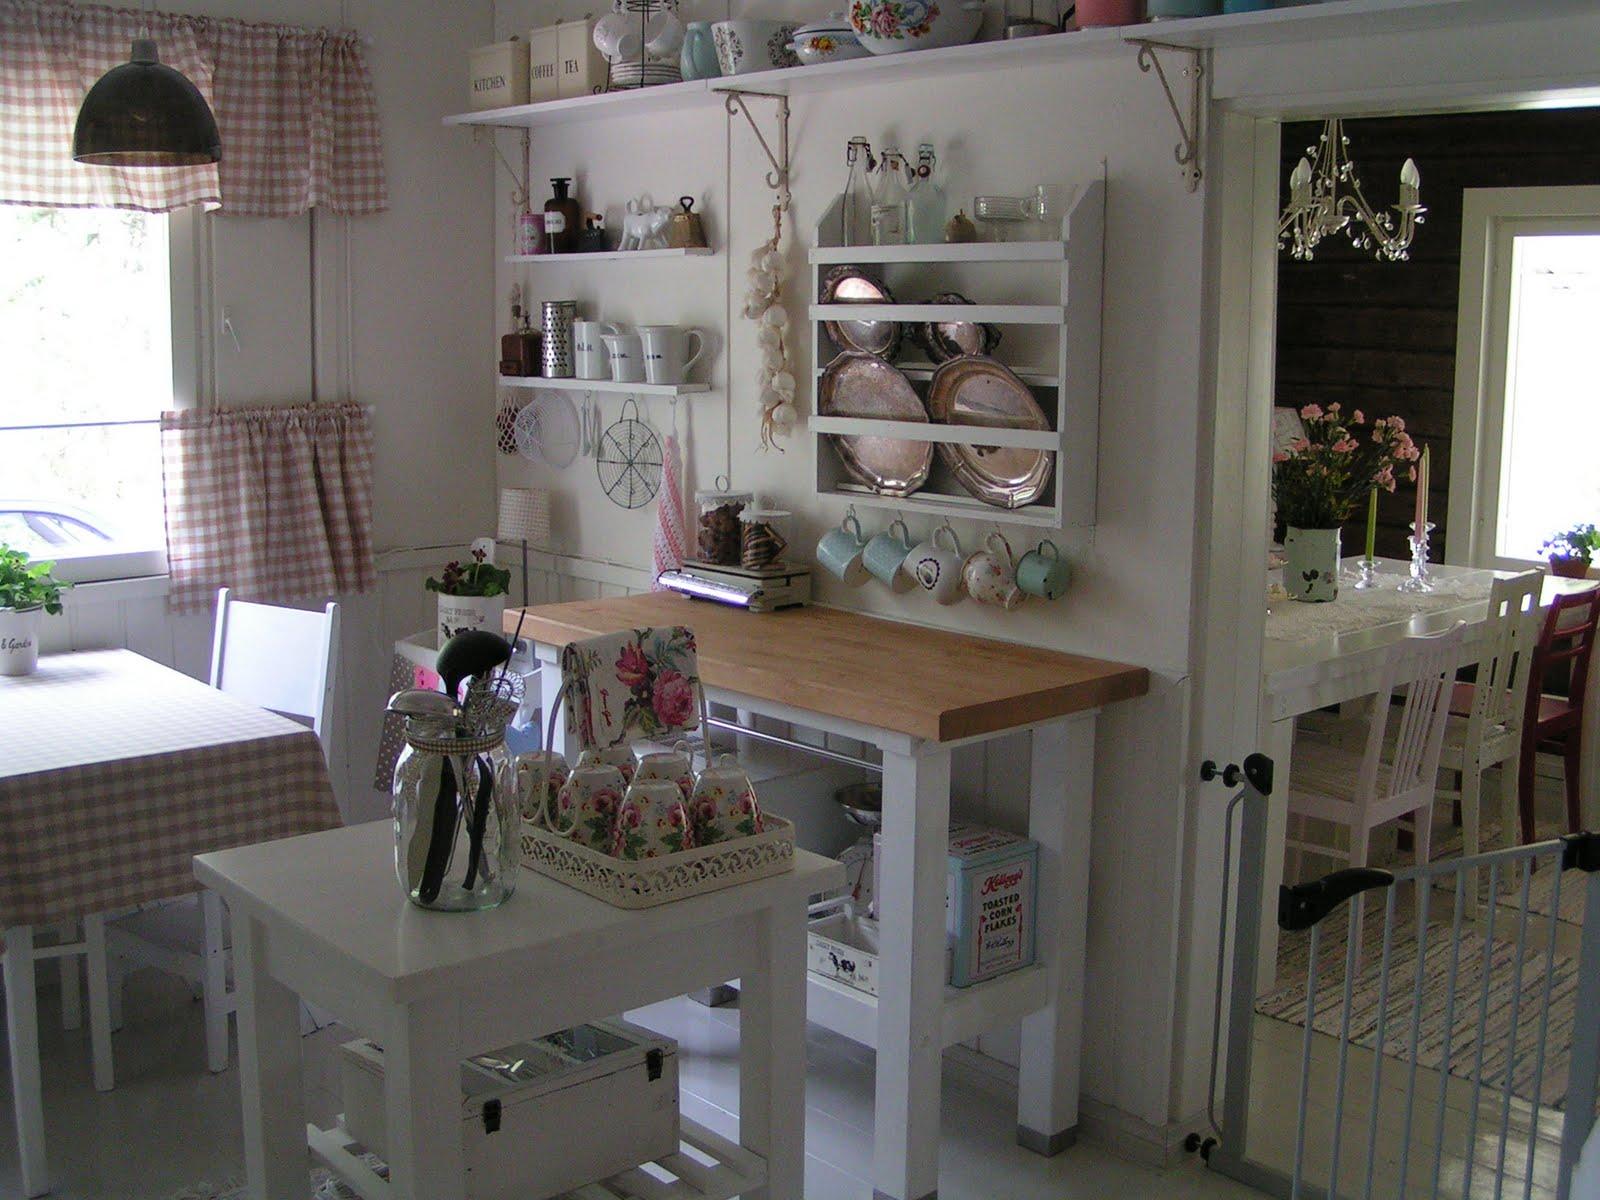 de decoração: Microondas x cozinha pequena: qual a melhor solução #575A74 1600 1200